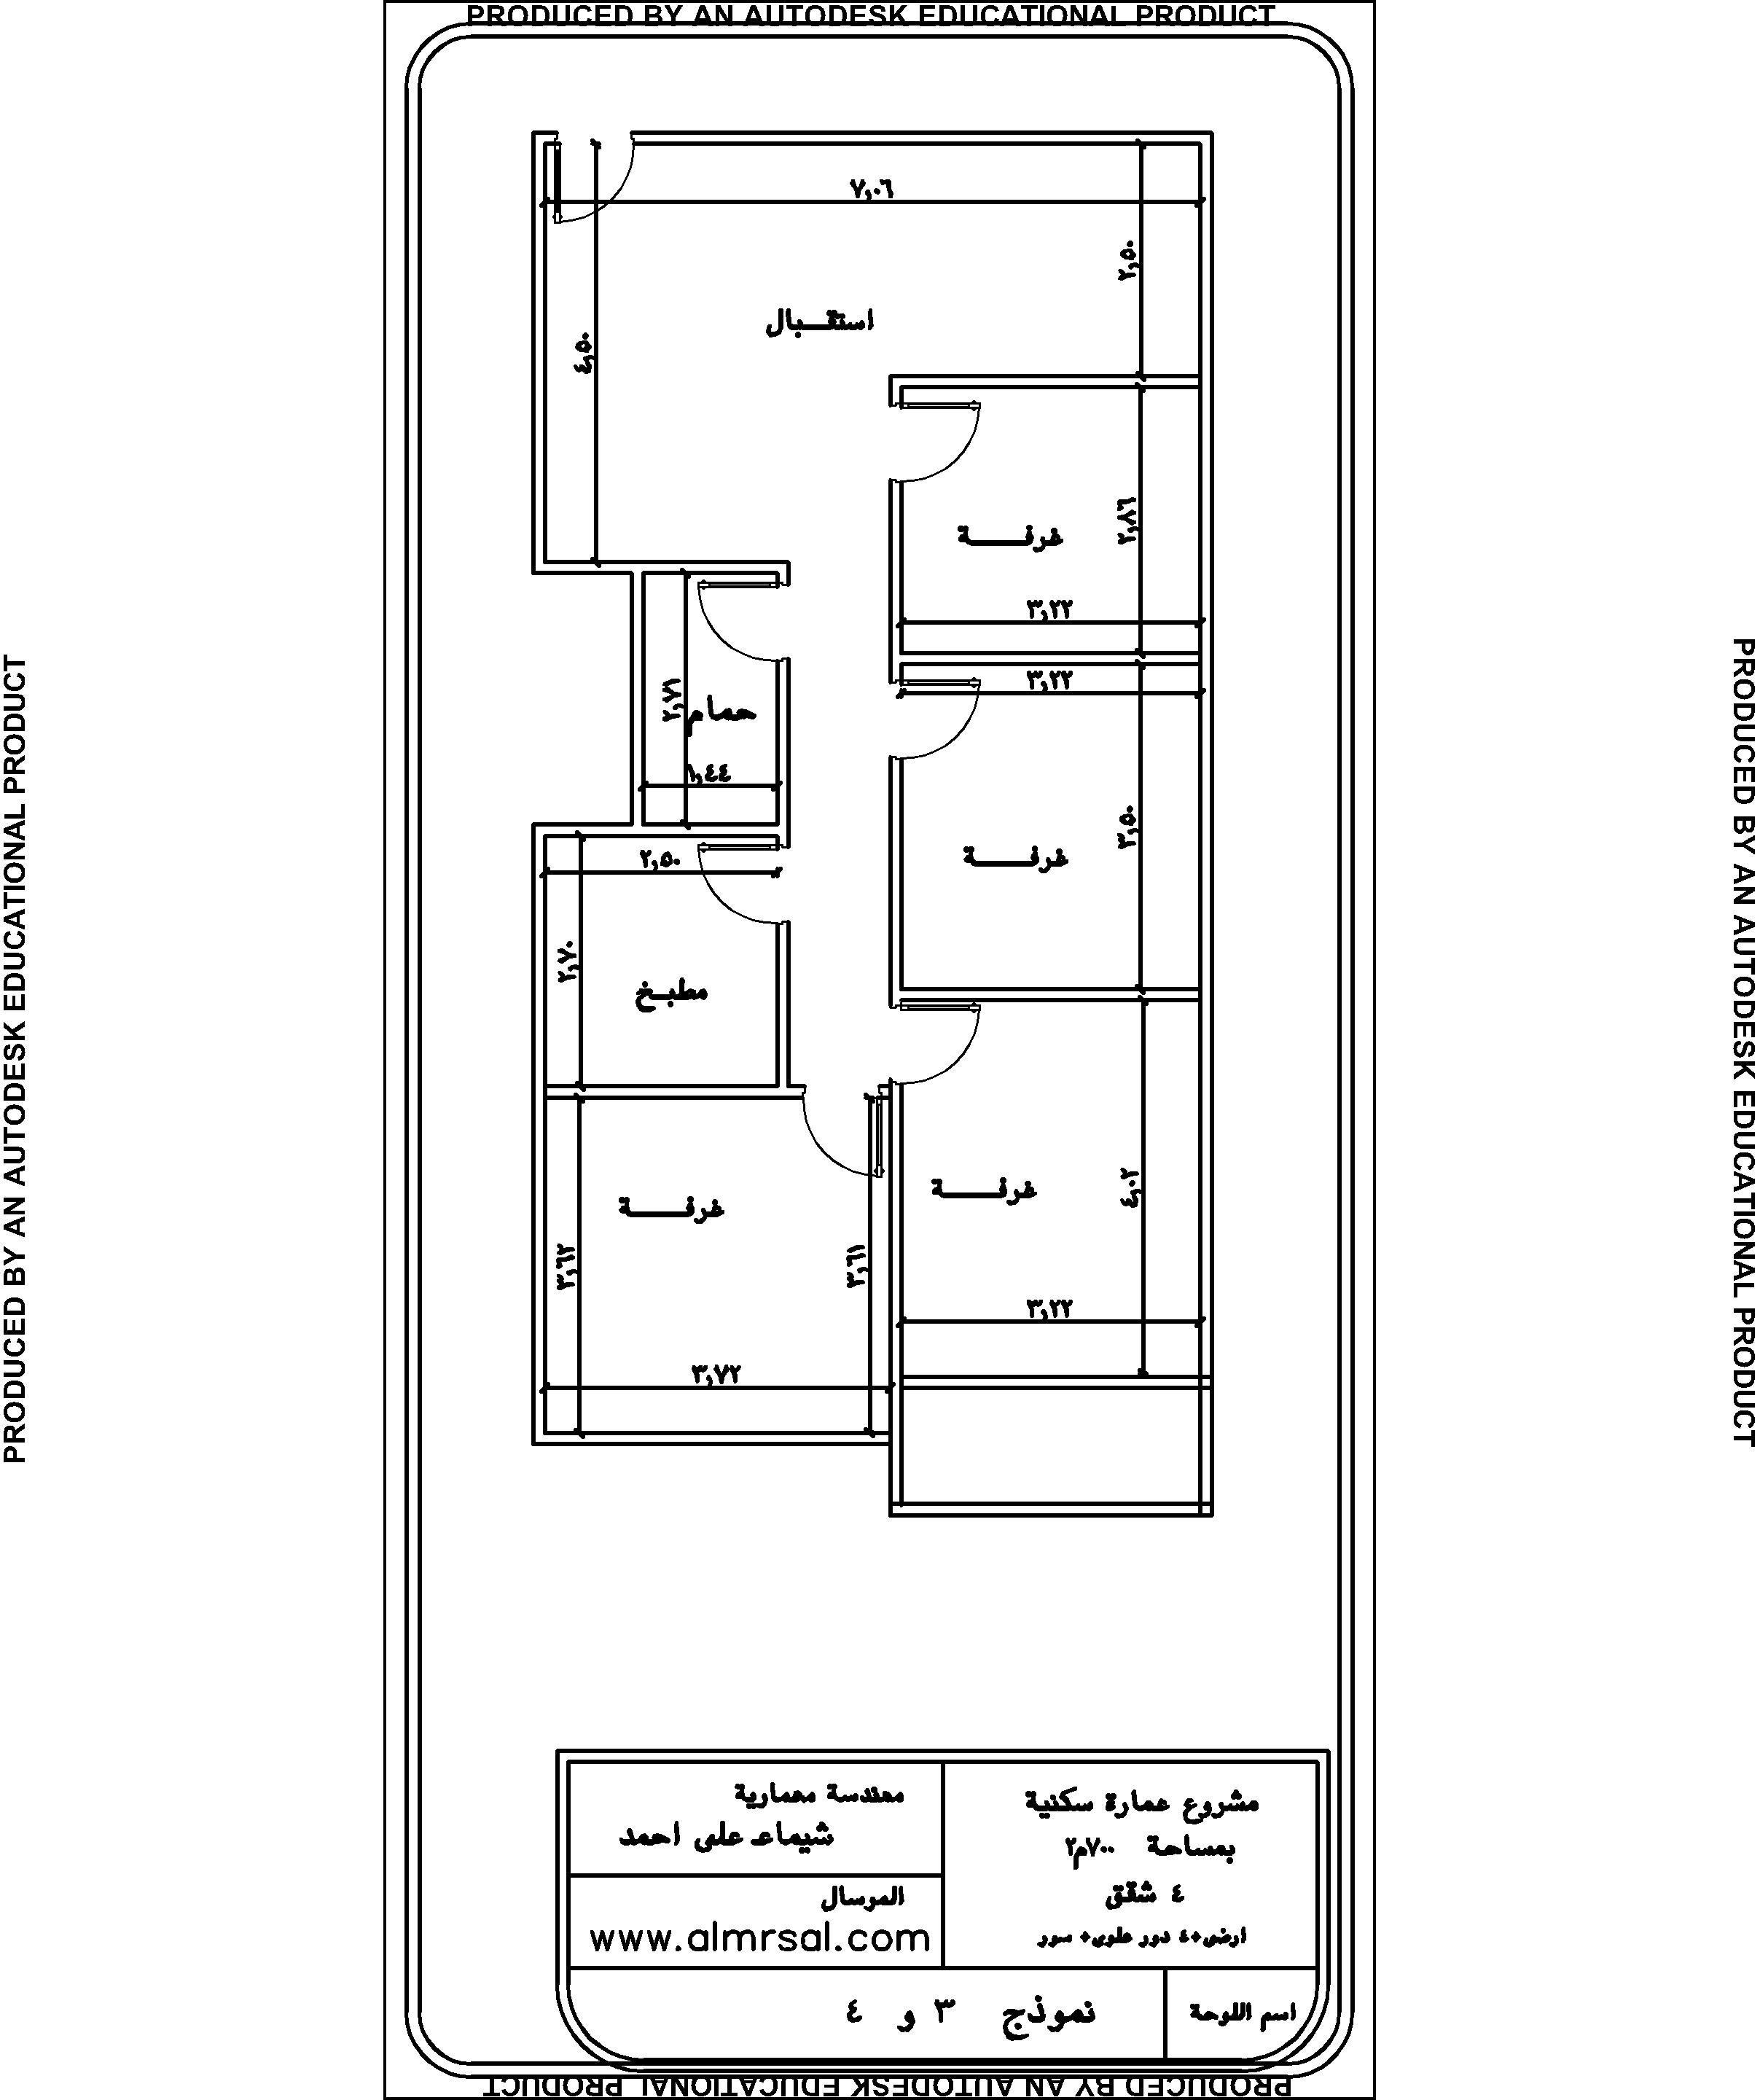 مشروع عمارة سكنية اربعة شقق بمساحة 700 متر مربع  مشروع عمارة سكنية اربعة شقق بمساحة 700 متر مربع  مشروع عمارة سكنية اربعة شقق بمساحة 700 متر مربع